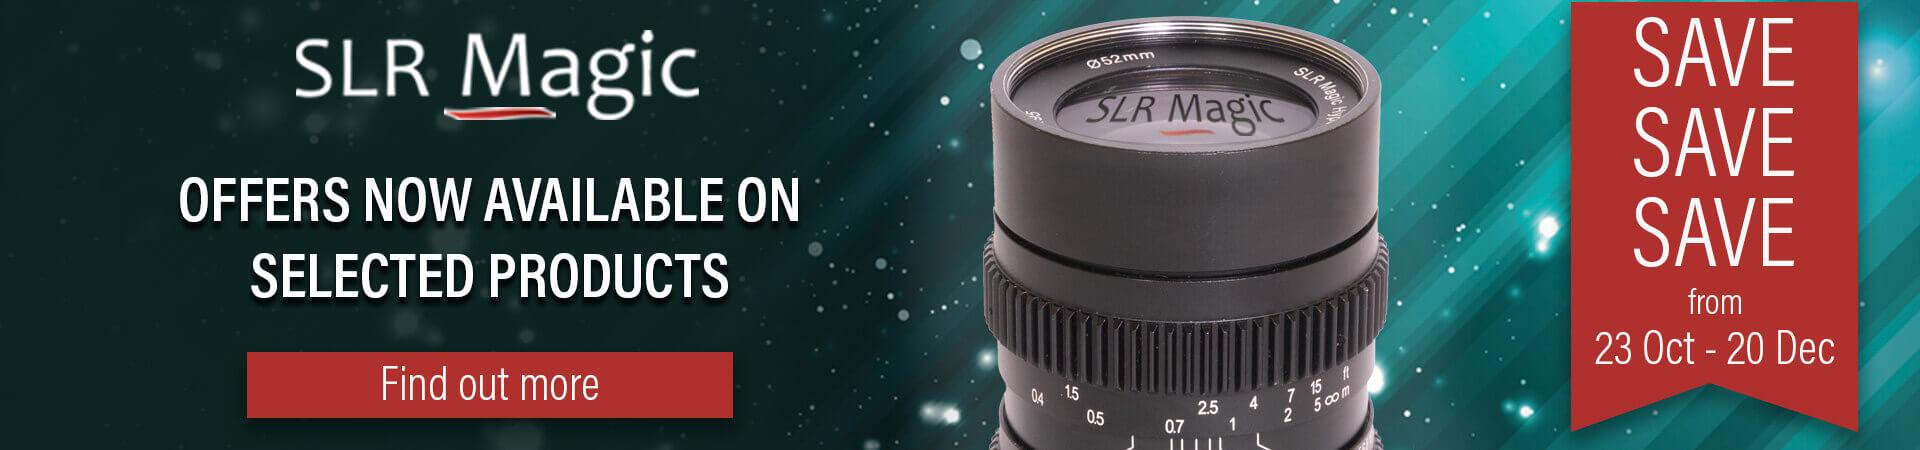 SLR Magic Promotion - Offer Ends 20th December